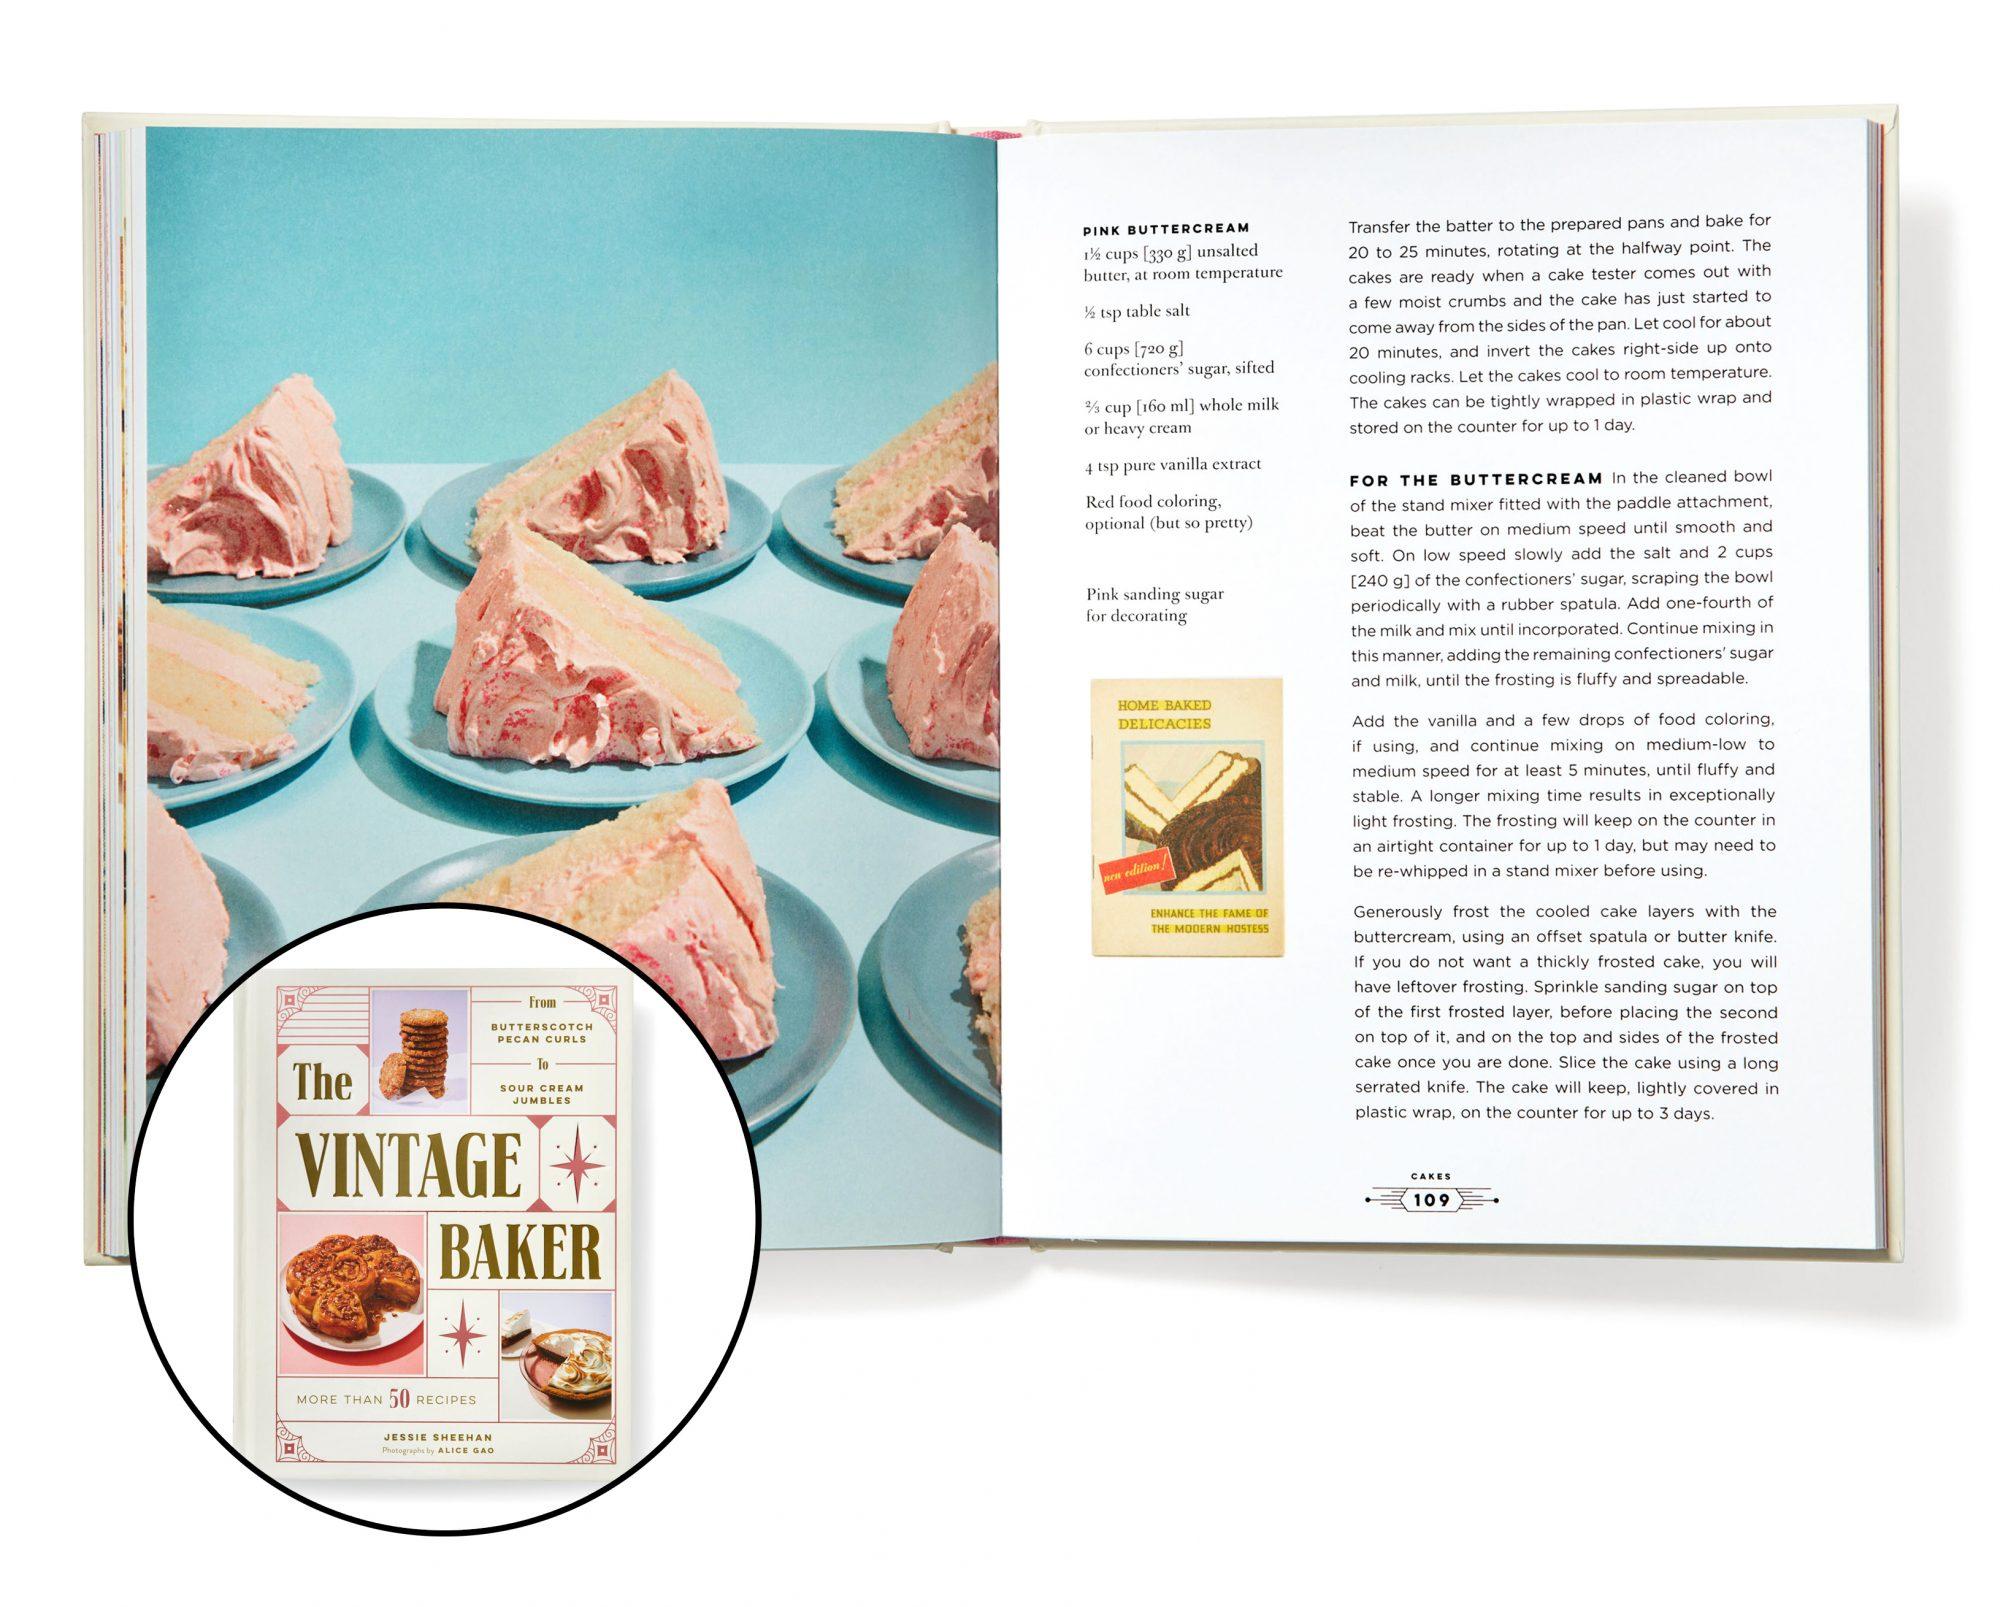 Vintage Bake Cookbook Cover Inset